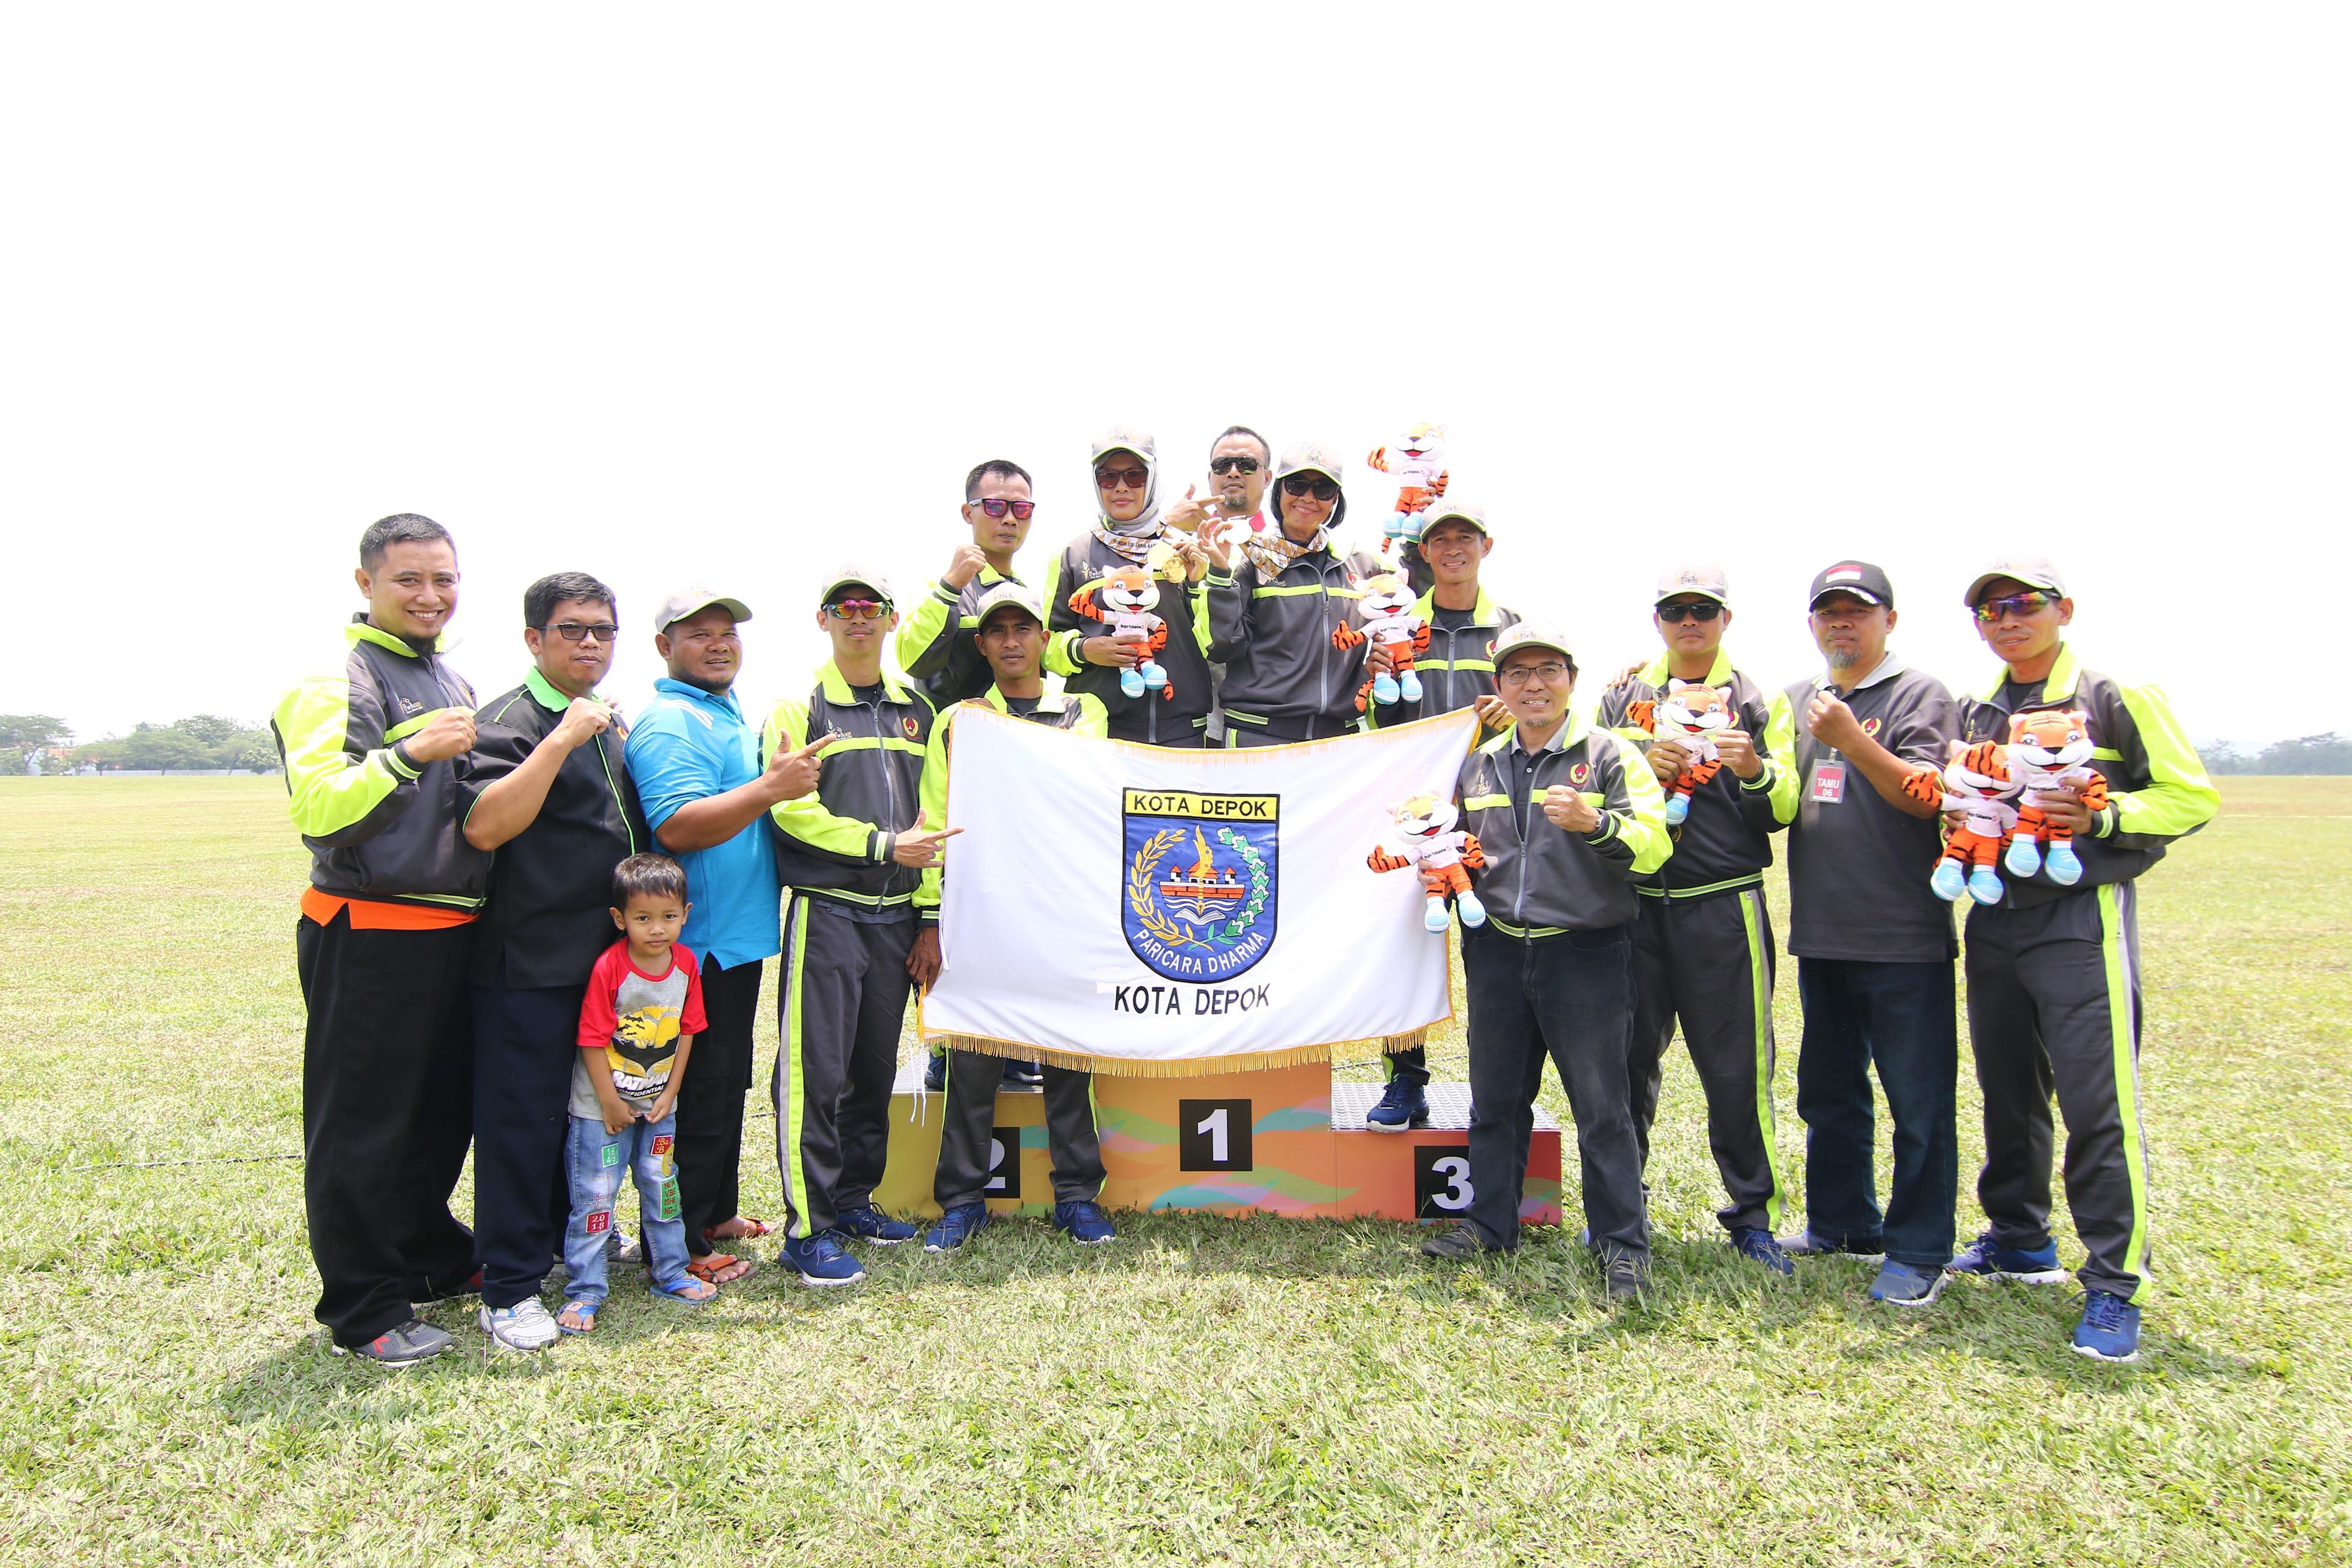 Ketua Umum KONI Kota Depok, Amri Yusra (keempat dari kanan) berfoto bersama dengan official dan atlit Terjun Payung Kota Depok peraih medali emas pada ajang PORDA Jabar XIII-2018 di Lanud. Atang Sendjaja, Semplak, Bogor, usai penyerahan medali PORDA Jabar XIII-2018 pada Sabtu (29/9) siang. KONI KOTA DEPOK/Faruqi/2018